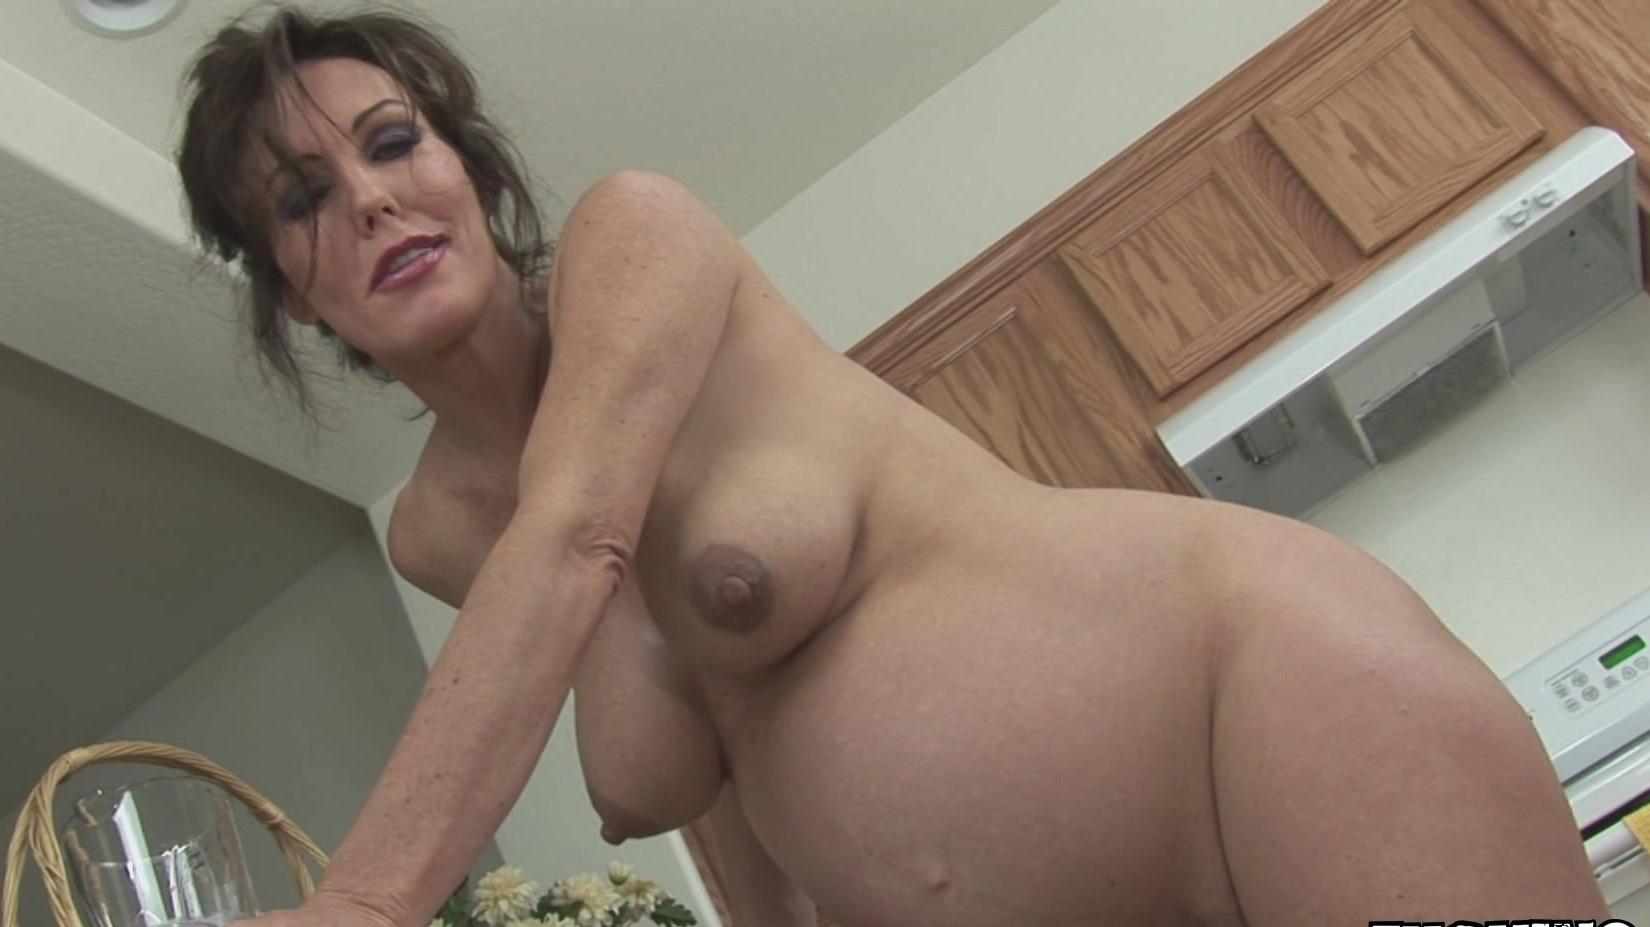 hellporno big natural tits mom